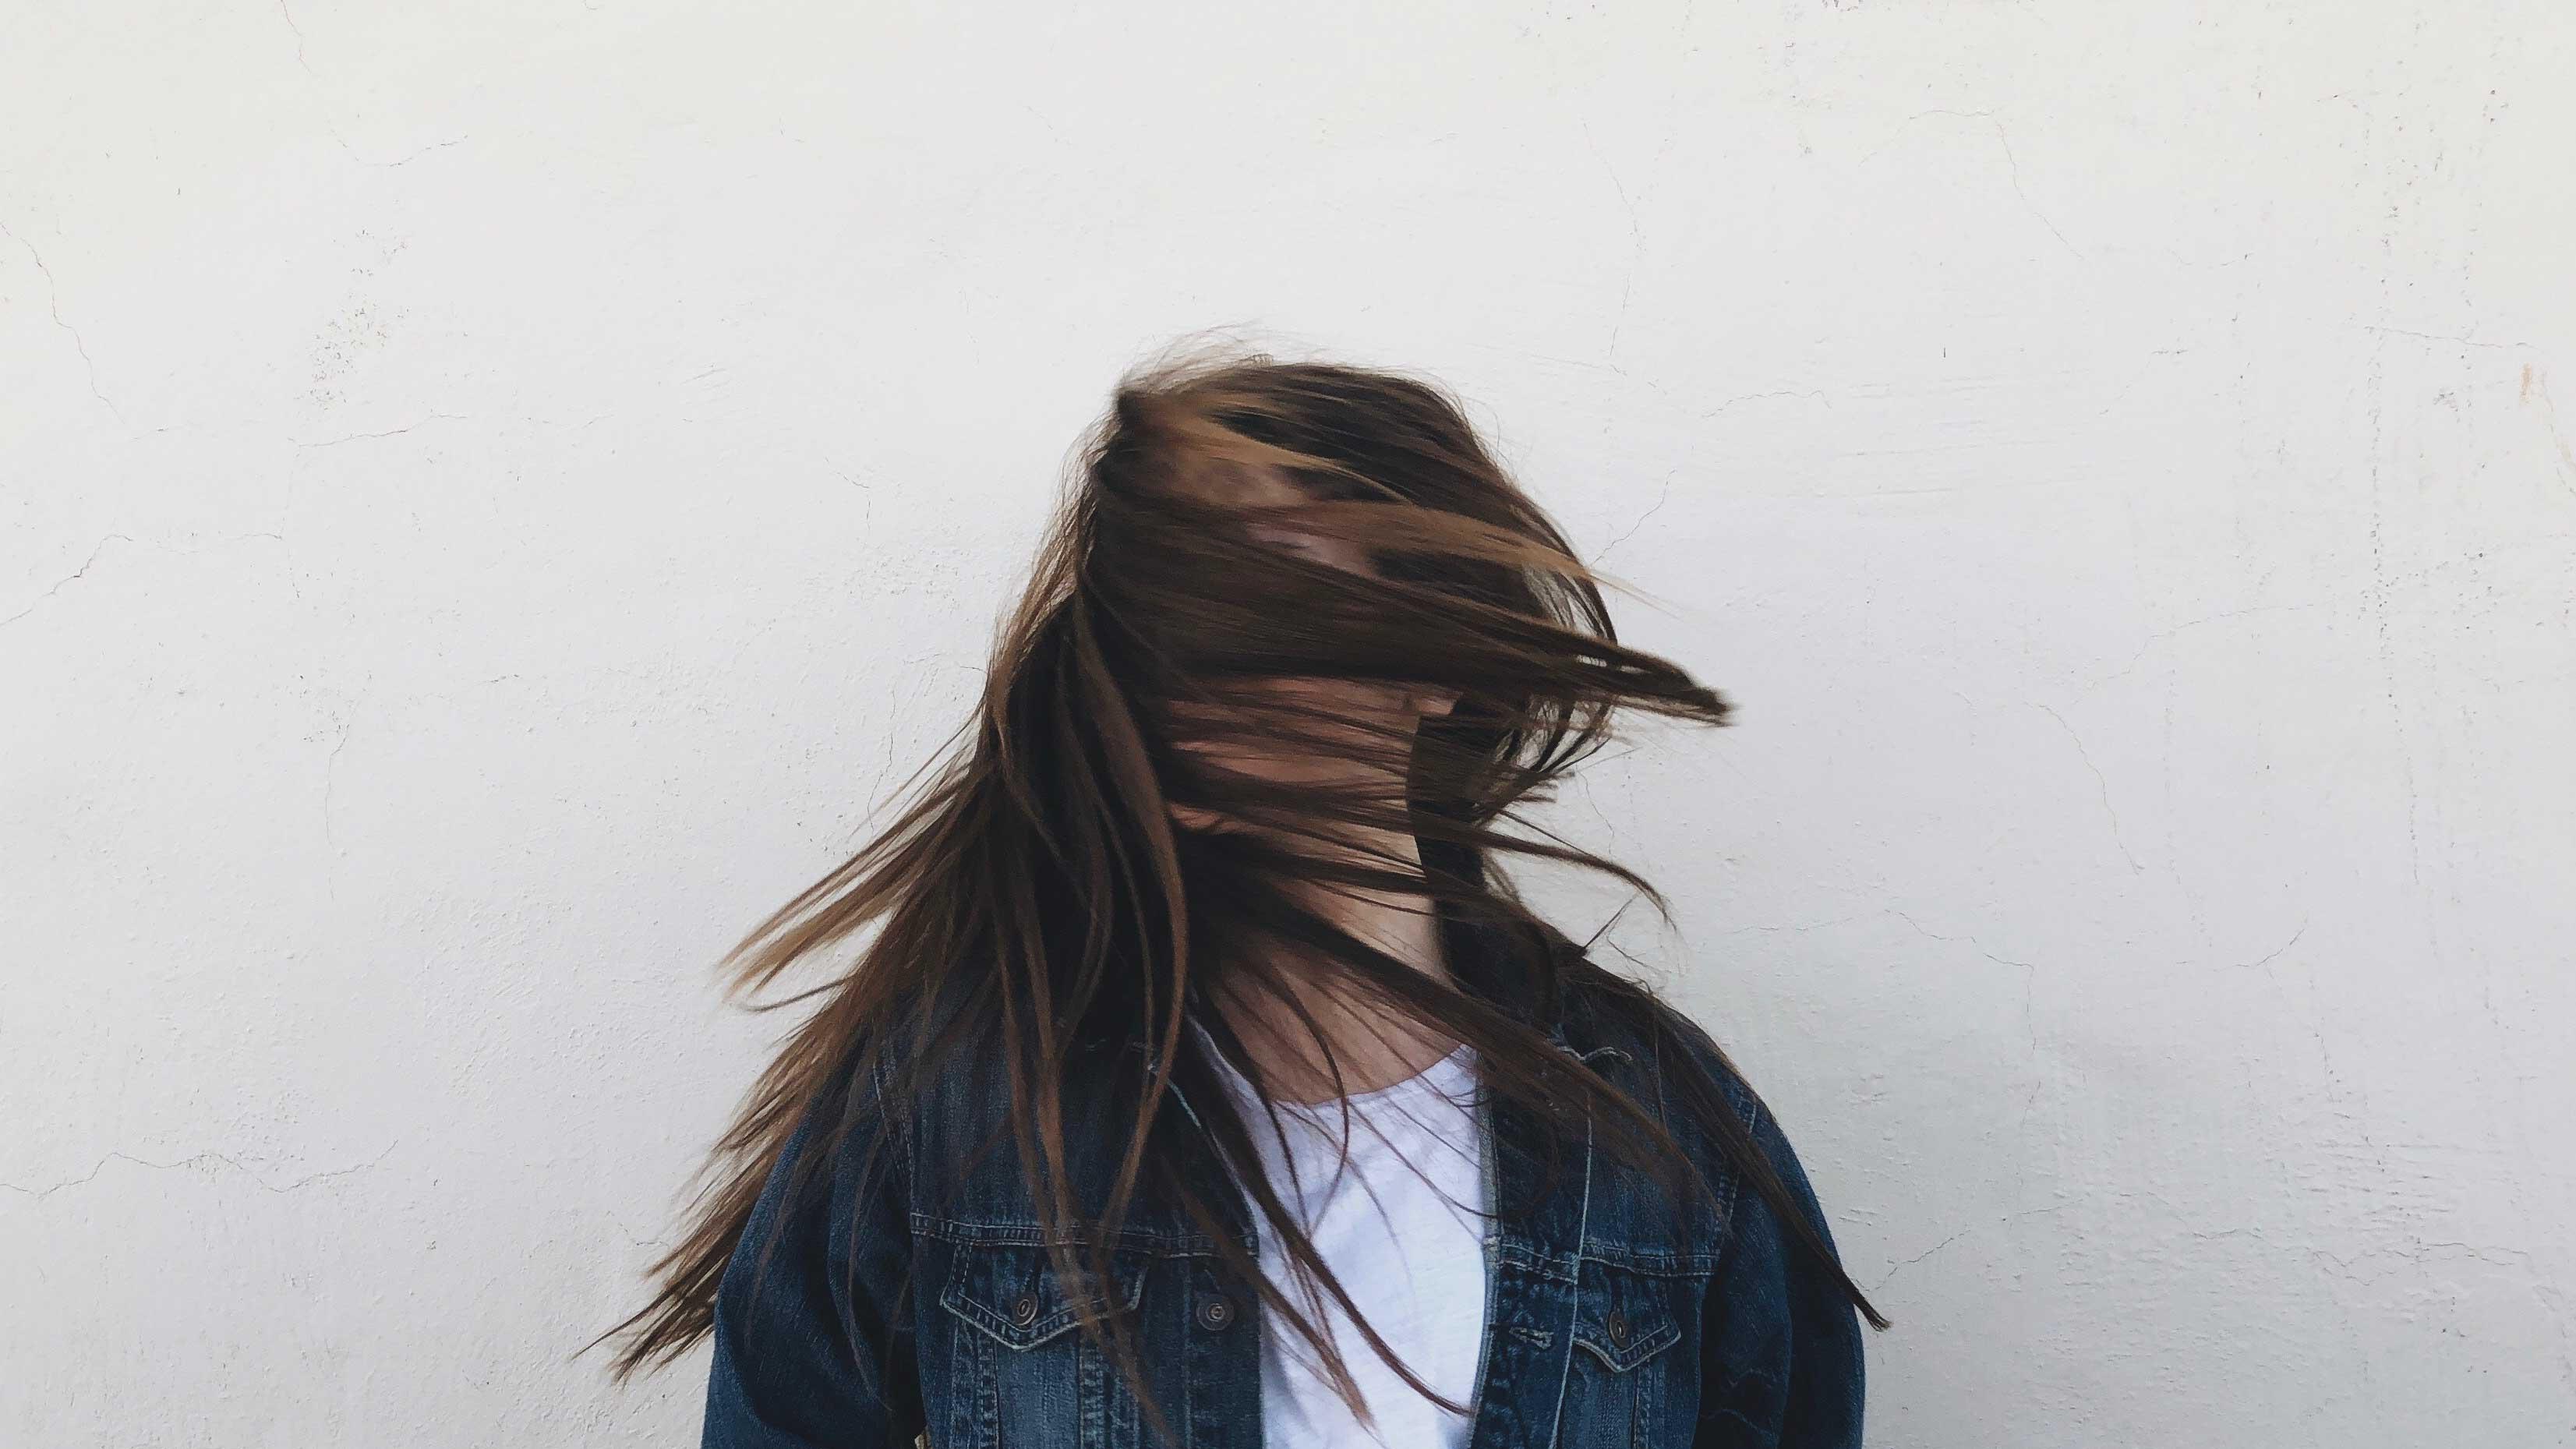 Reflexão: Quando eu vejo a dor, eu vejo a cura - Menina com o cabelo no rosto.